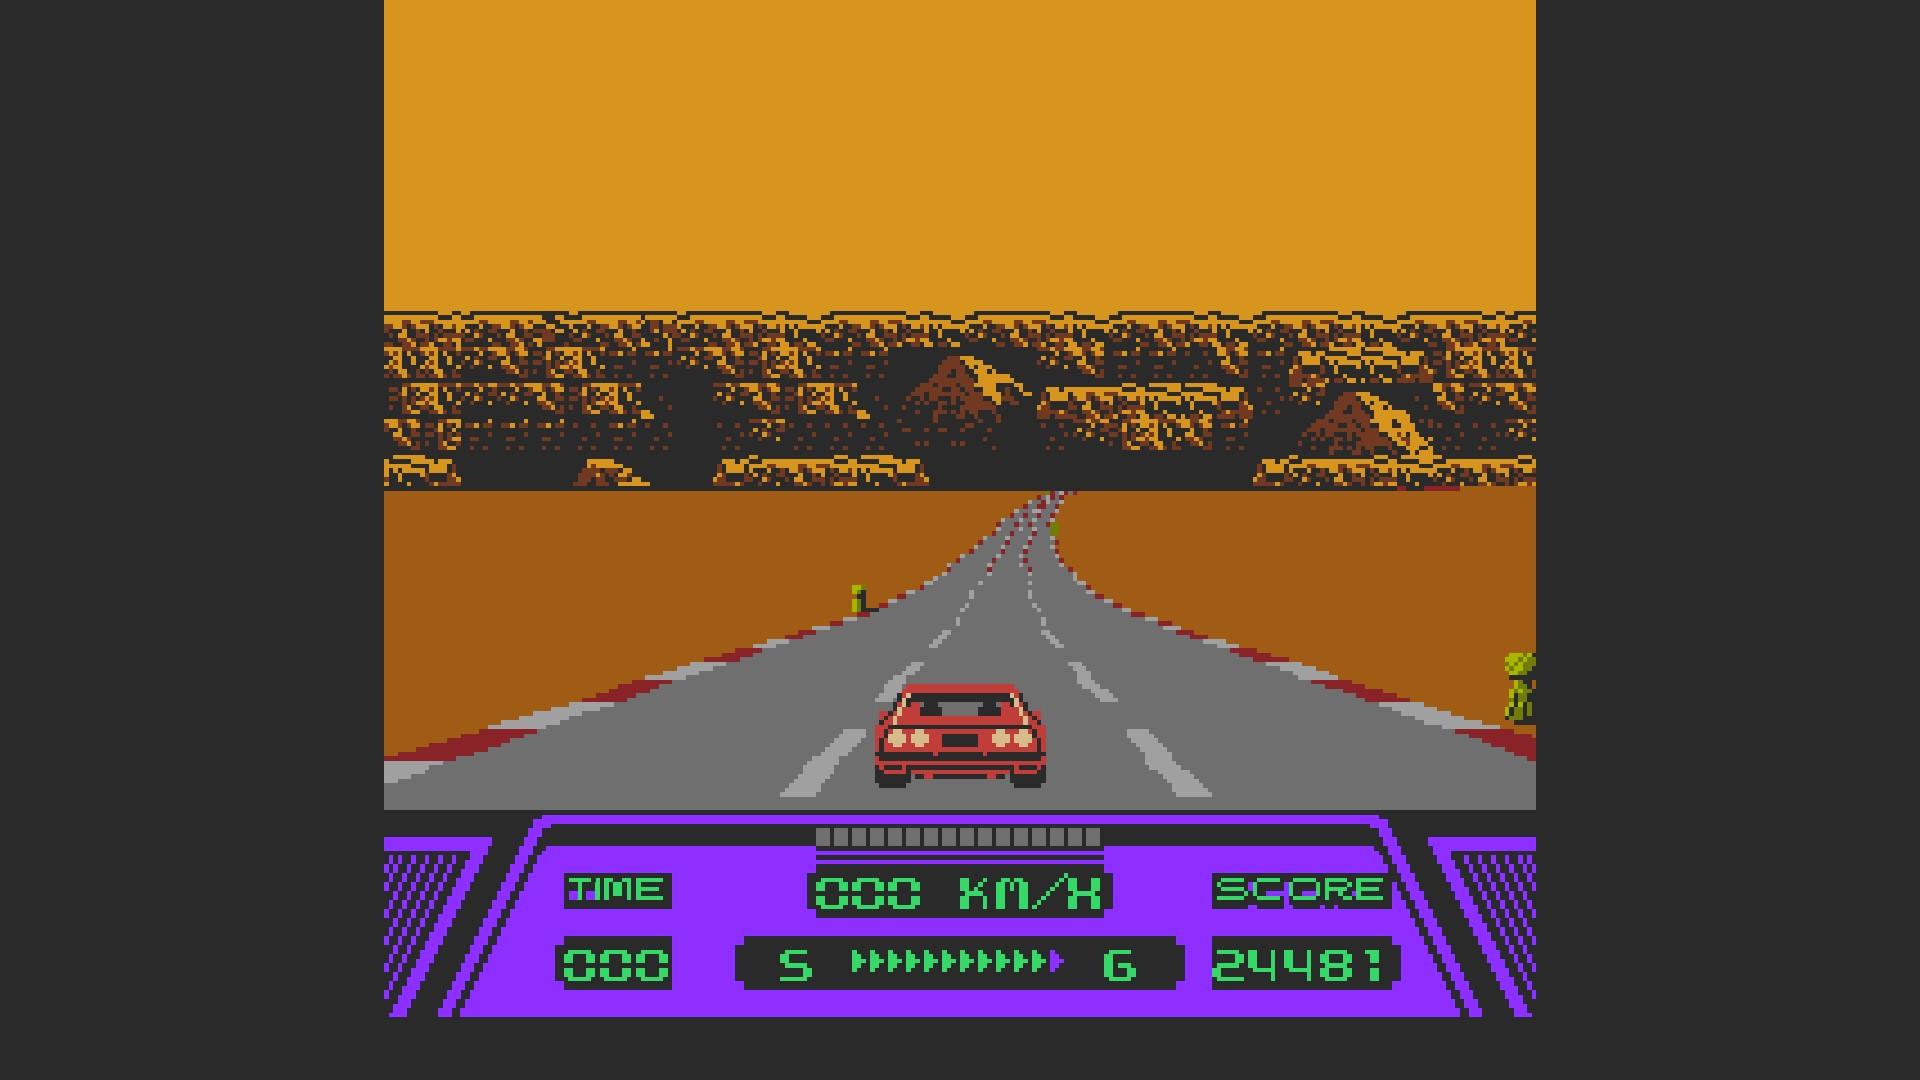 AkinNahtanoj: Rad Racer (NES/Famicom Emulated) 24,481 points on 2020-09-26 09:42:33